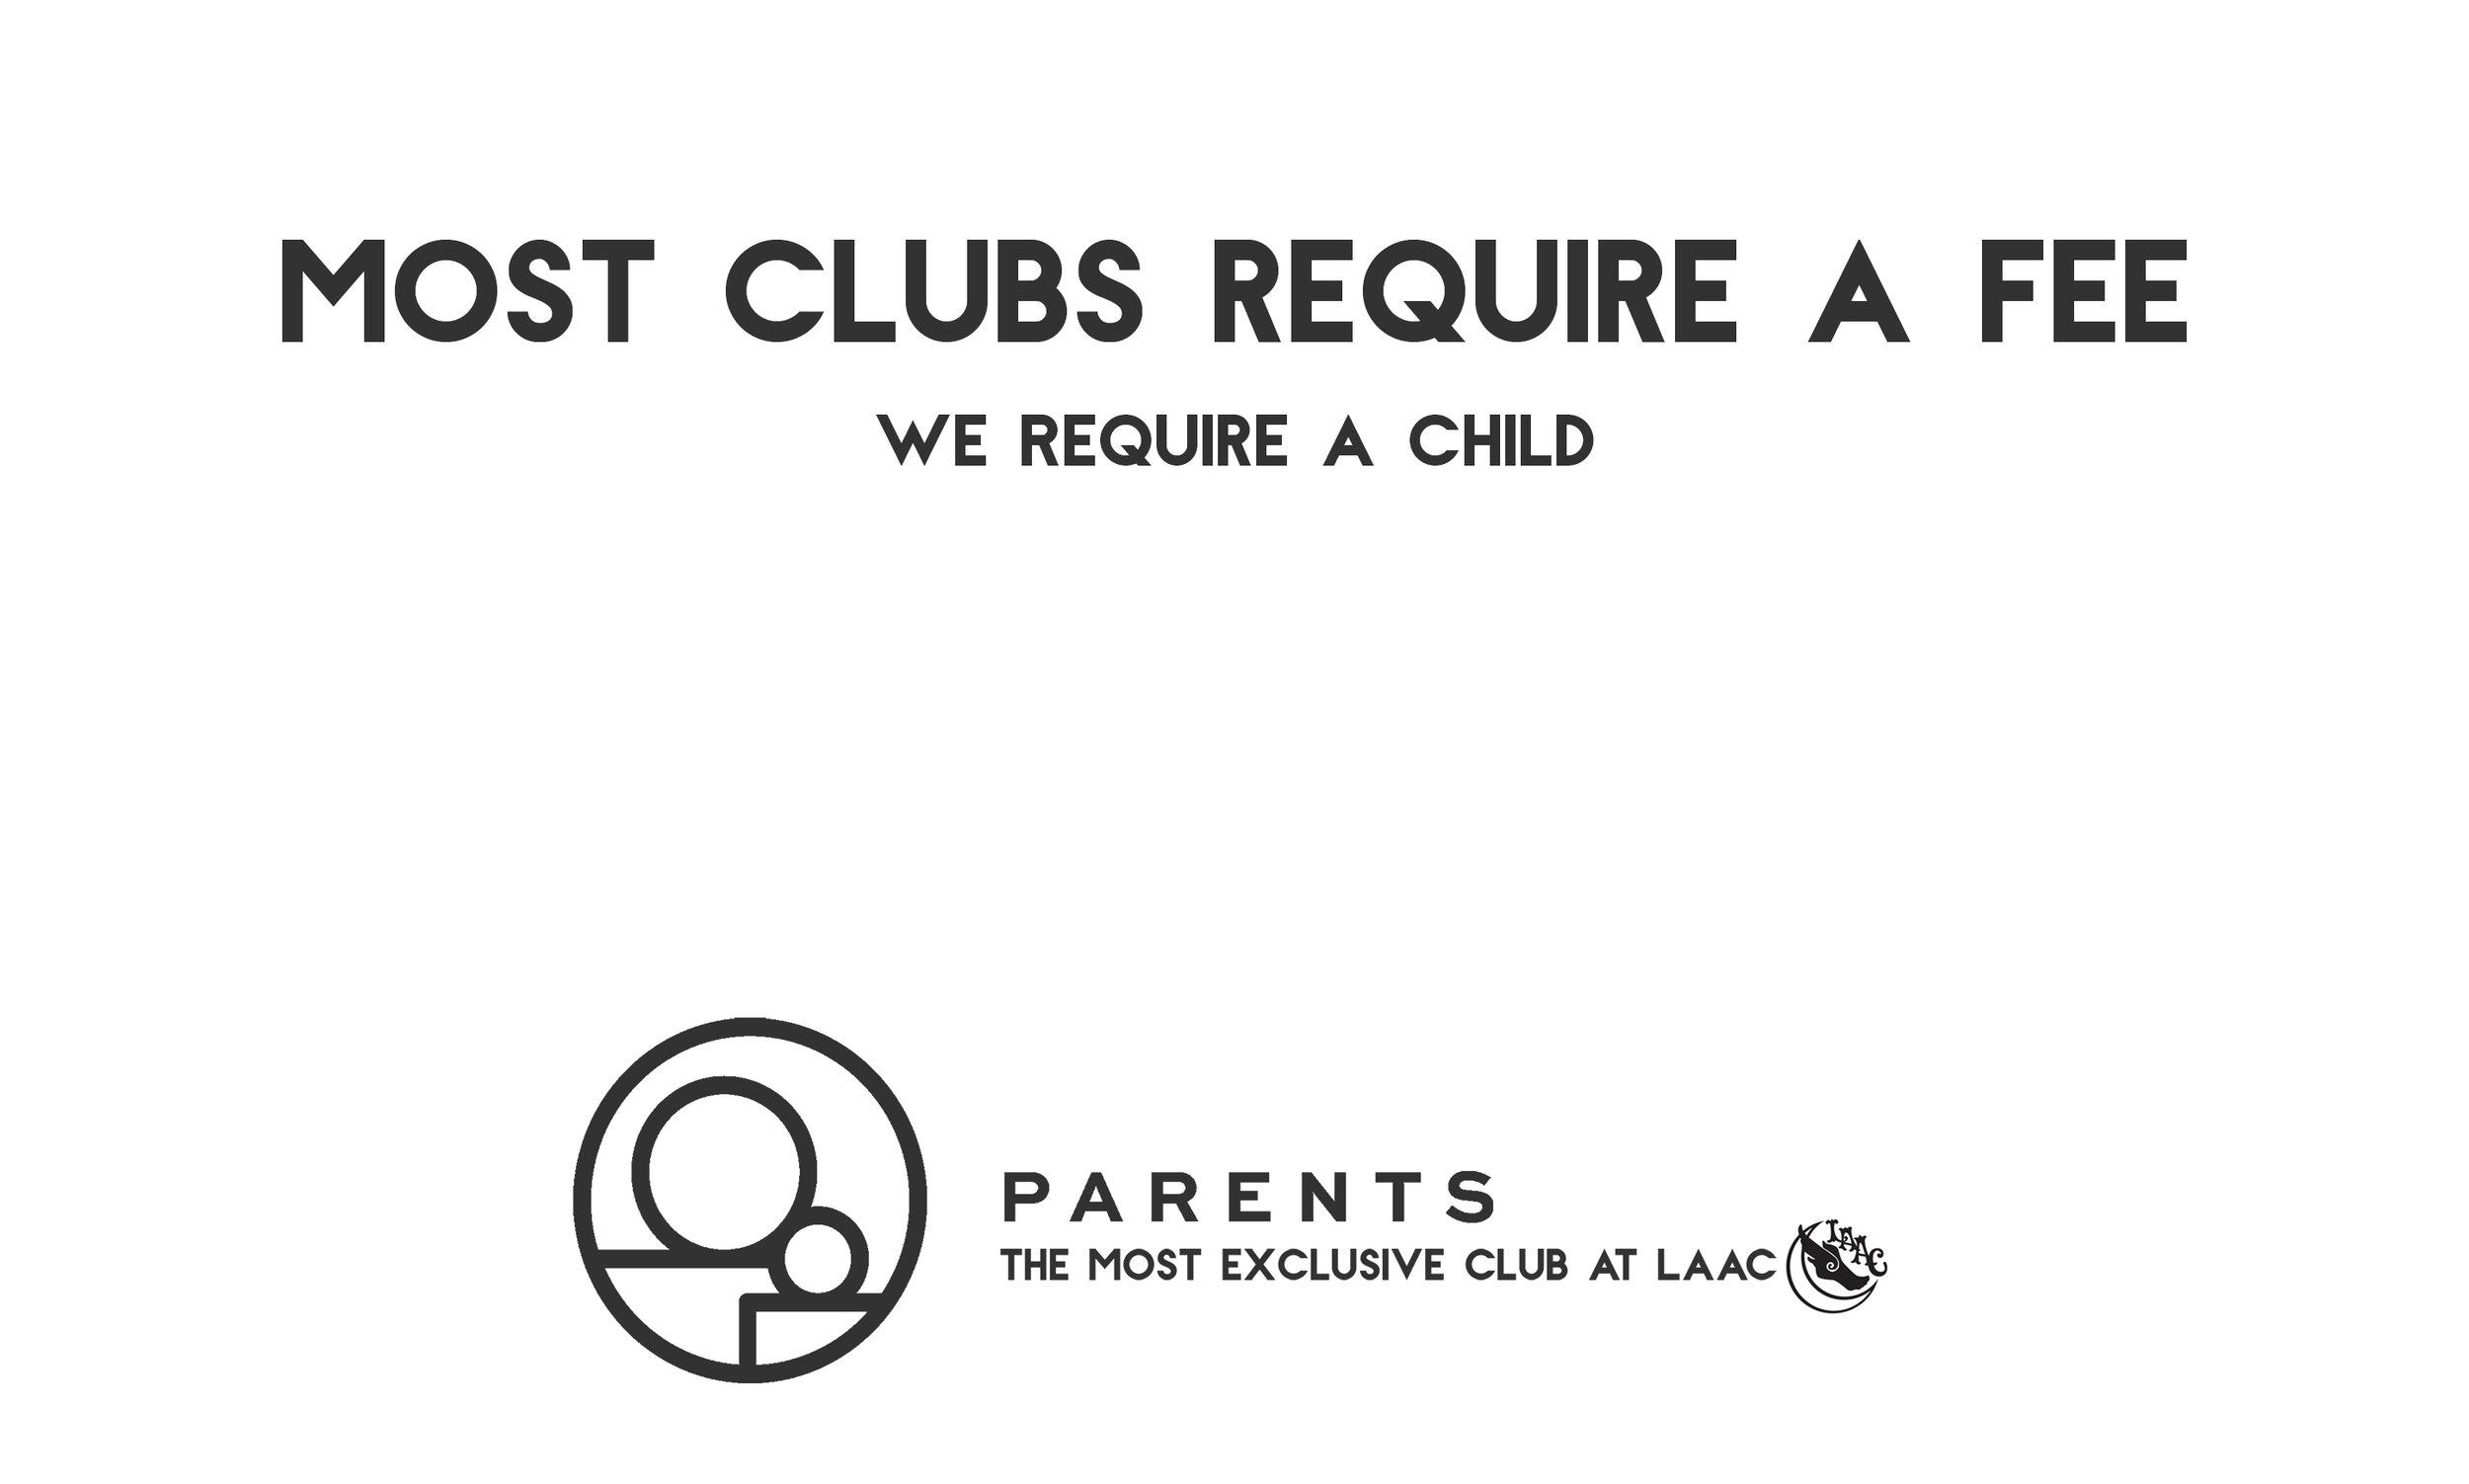 Flyer Copy - Los Angeles Athletic Club - Parents Club